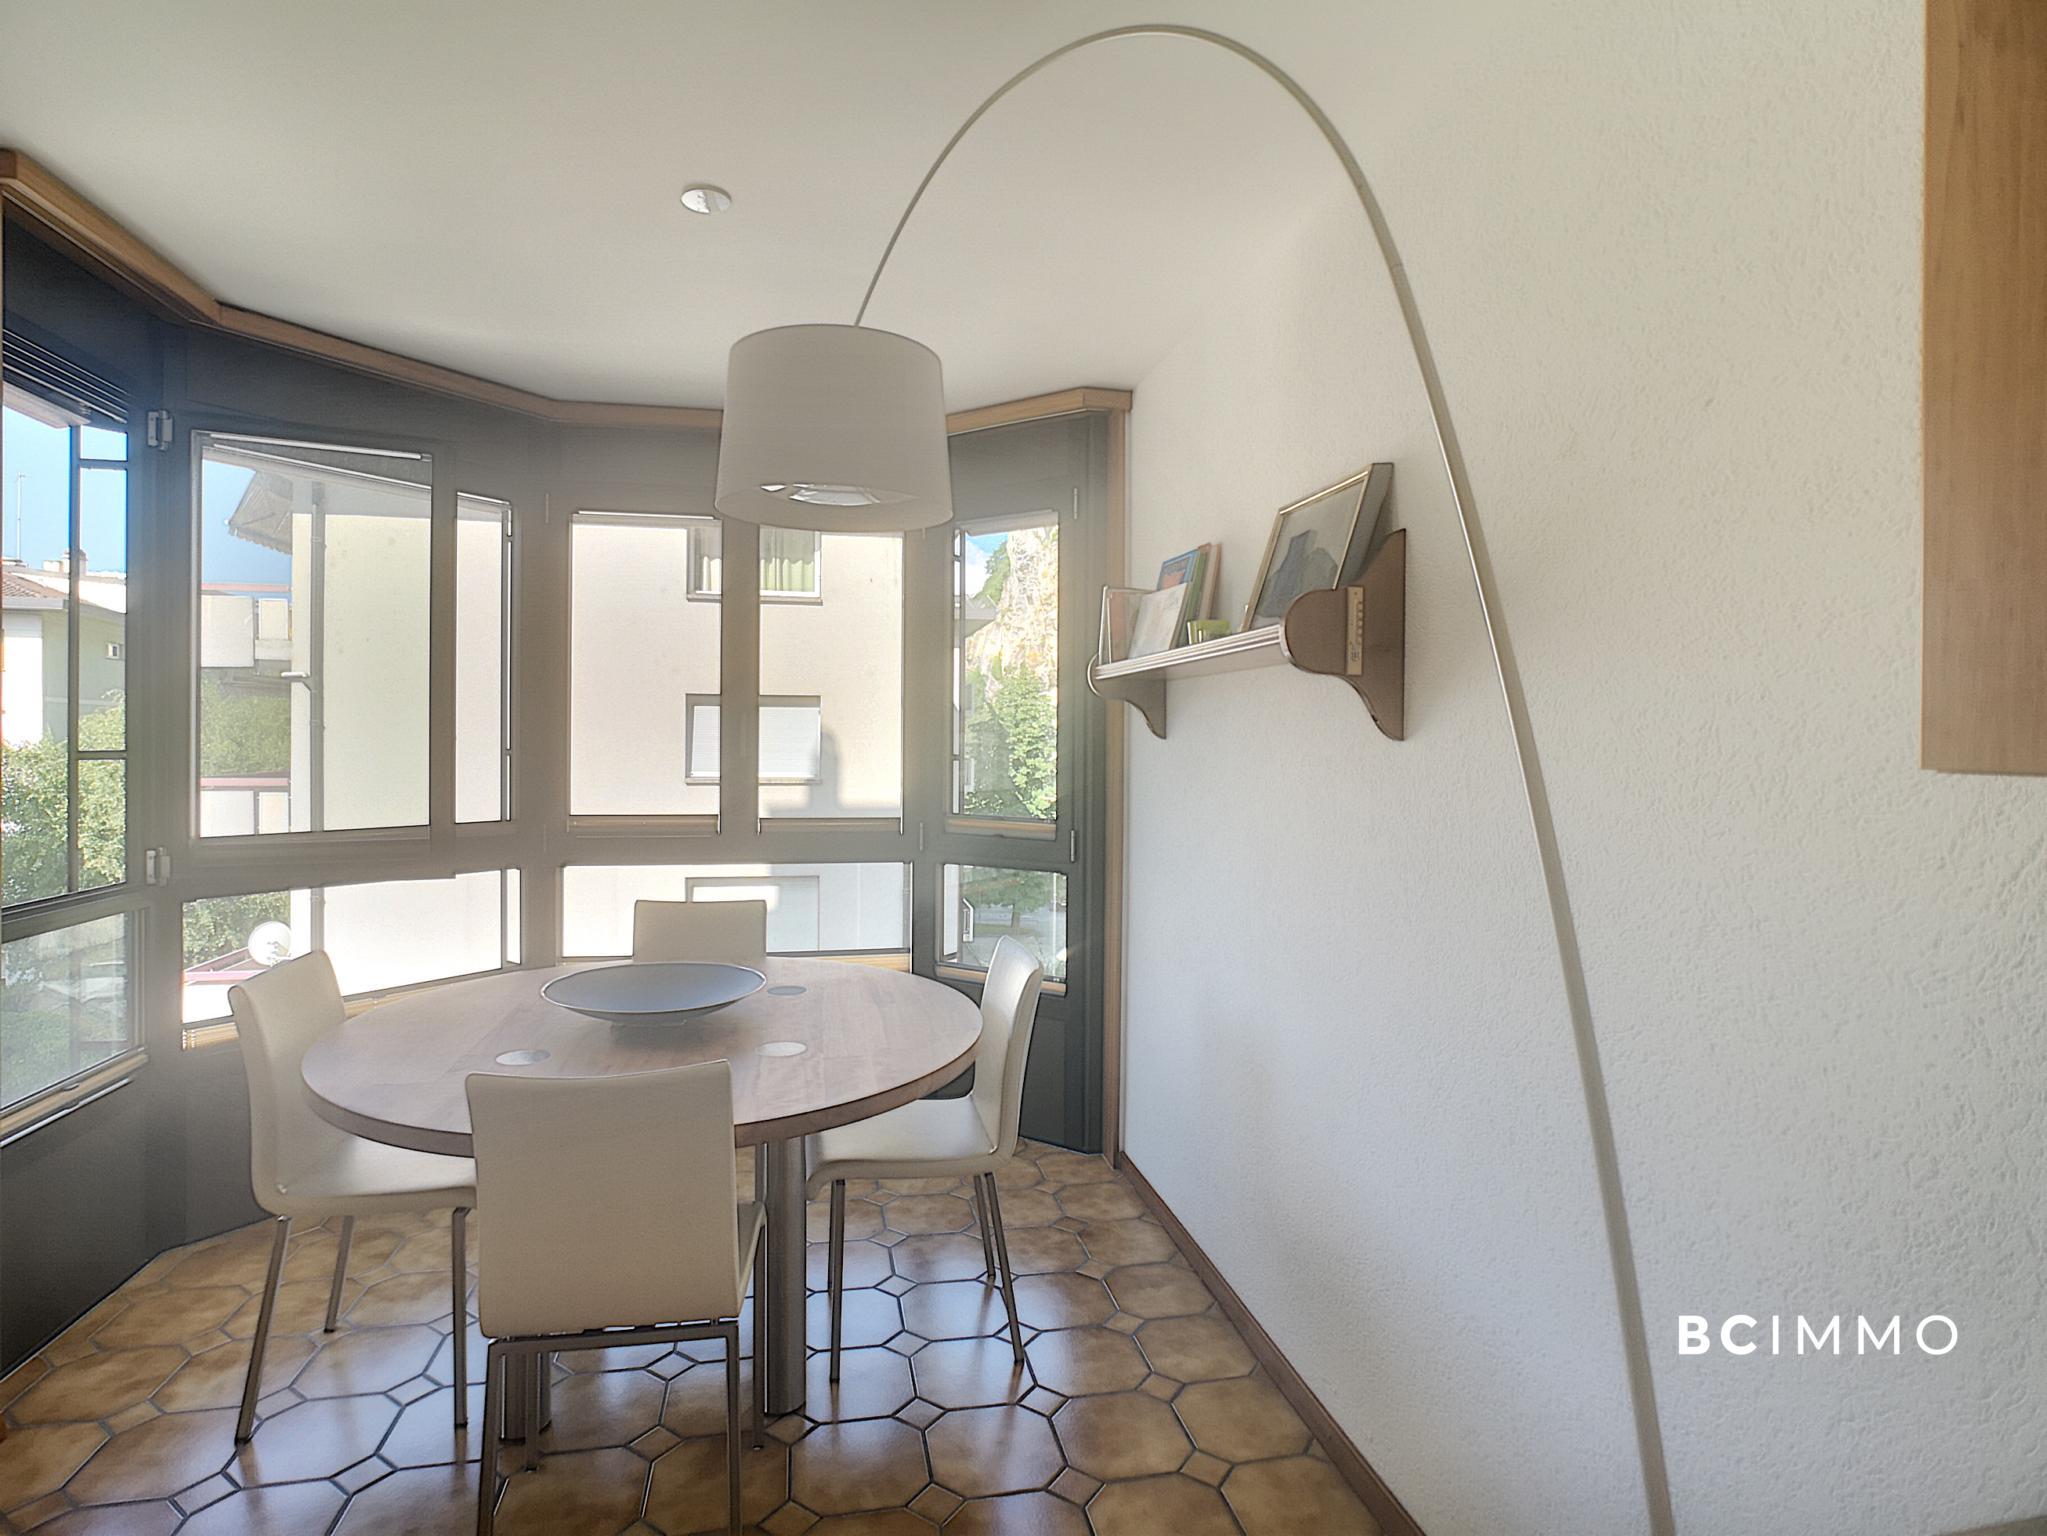 BC Immo - Bel appartement de 3.5 pièces au centre-ville de Sion - DCACP50